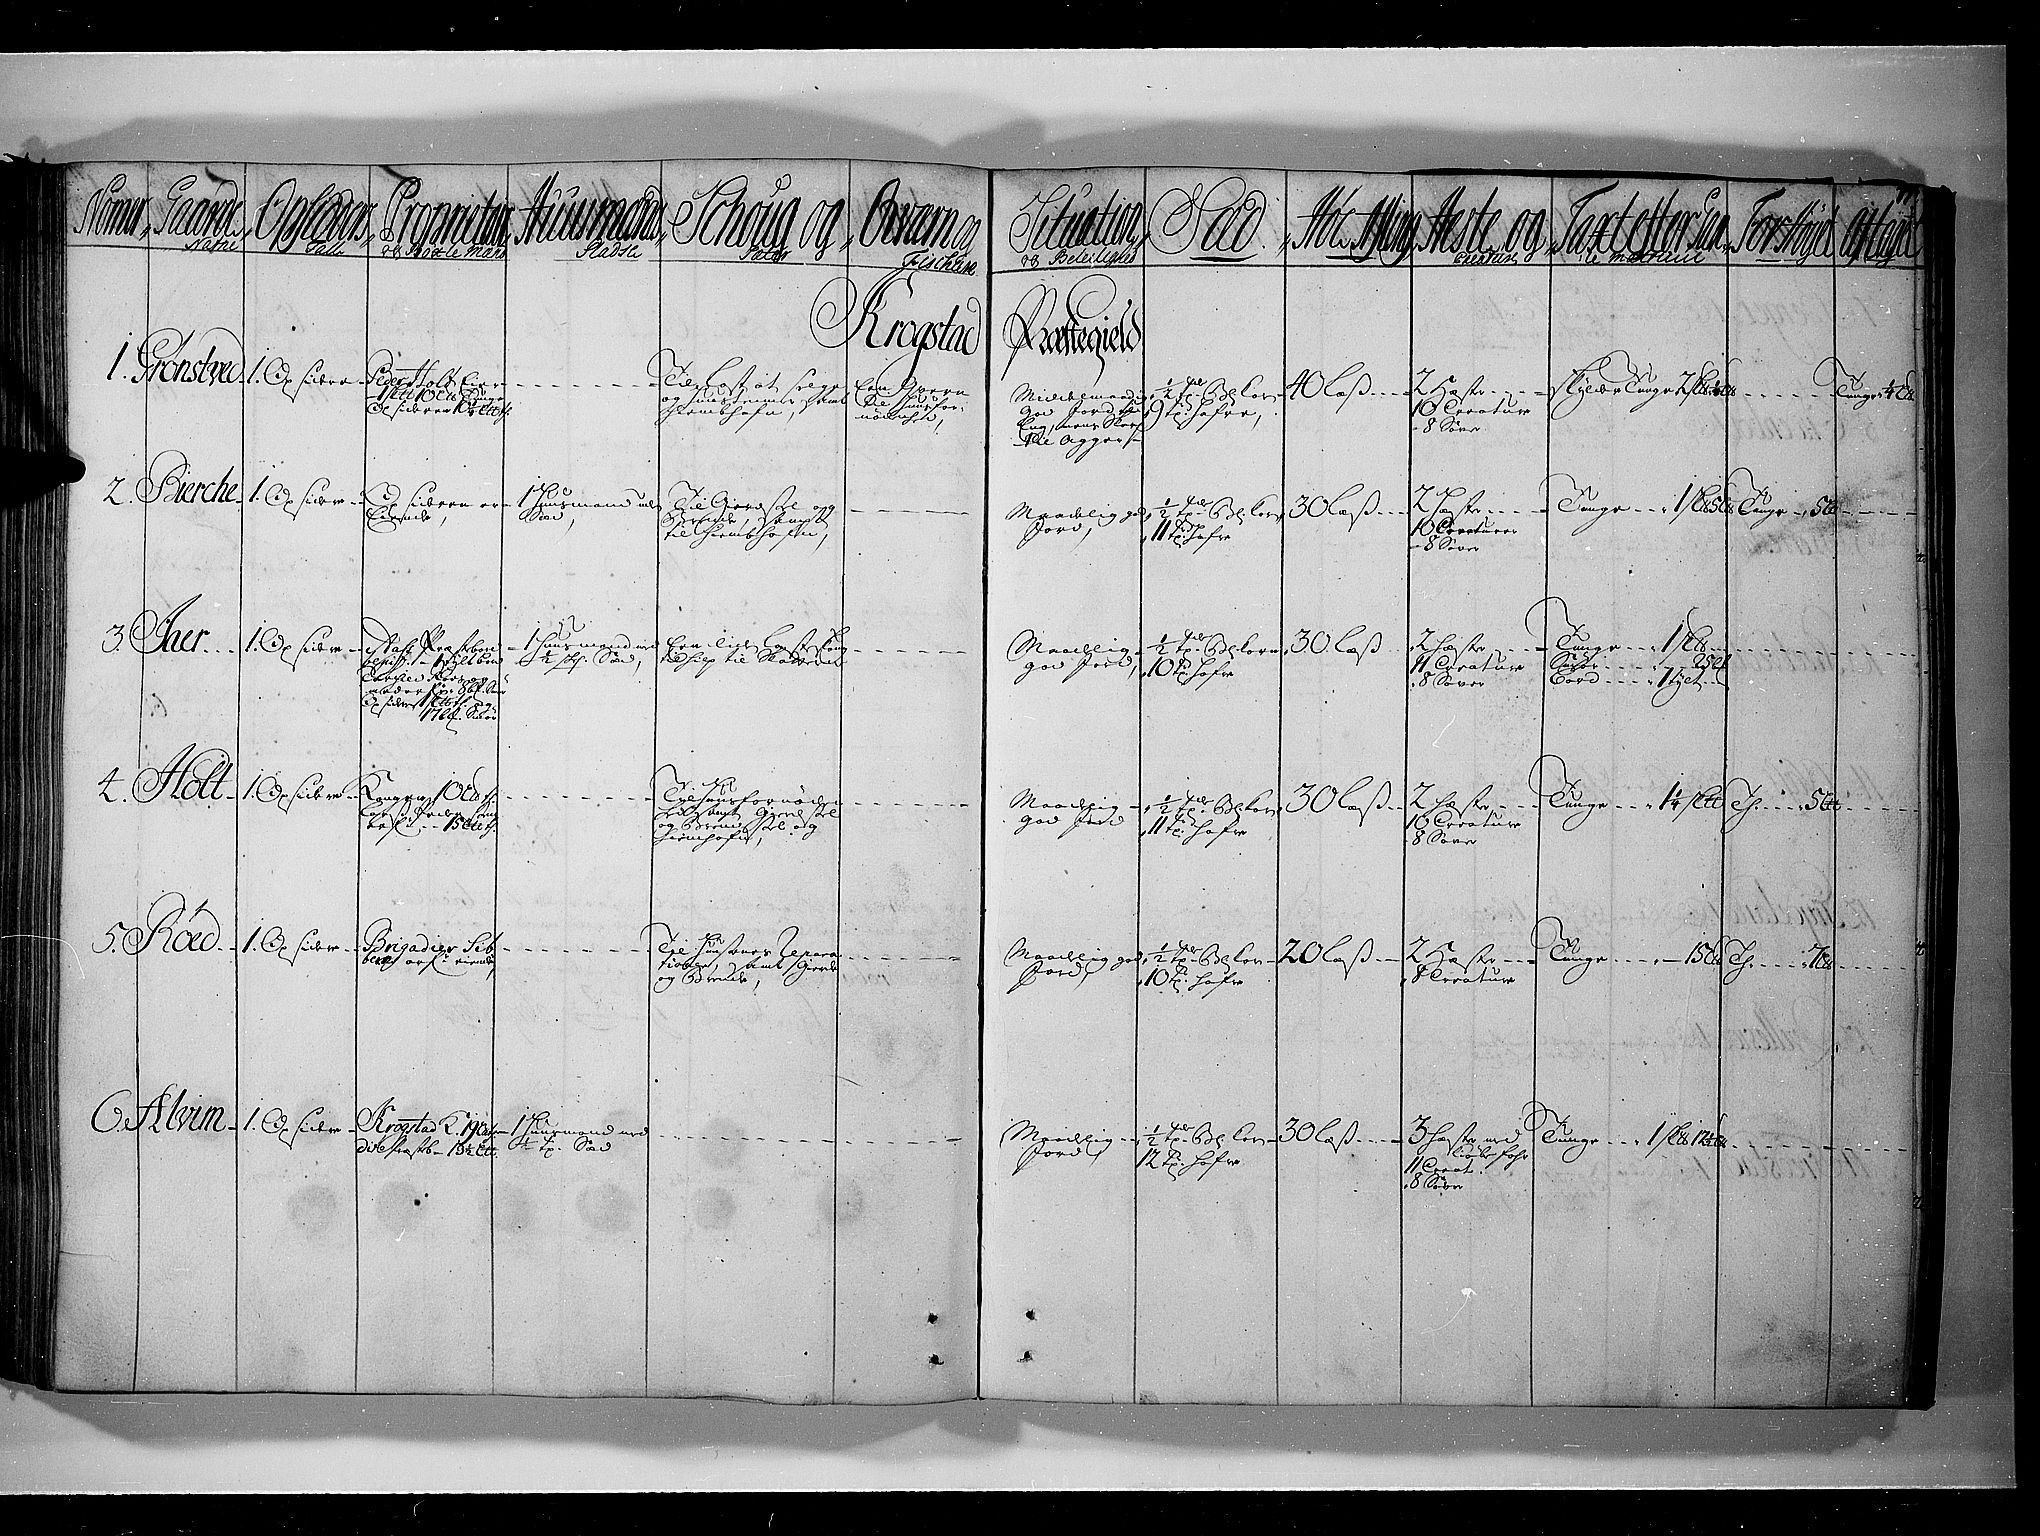 RA, Rentekammeret inntil 1814, Realistisk ordnet avdeling, N/Nb/Nbf/L0089: Aker og Follo eksaminasjonsprotokoll, 1723, s. 76b-77a